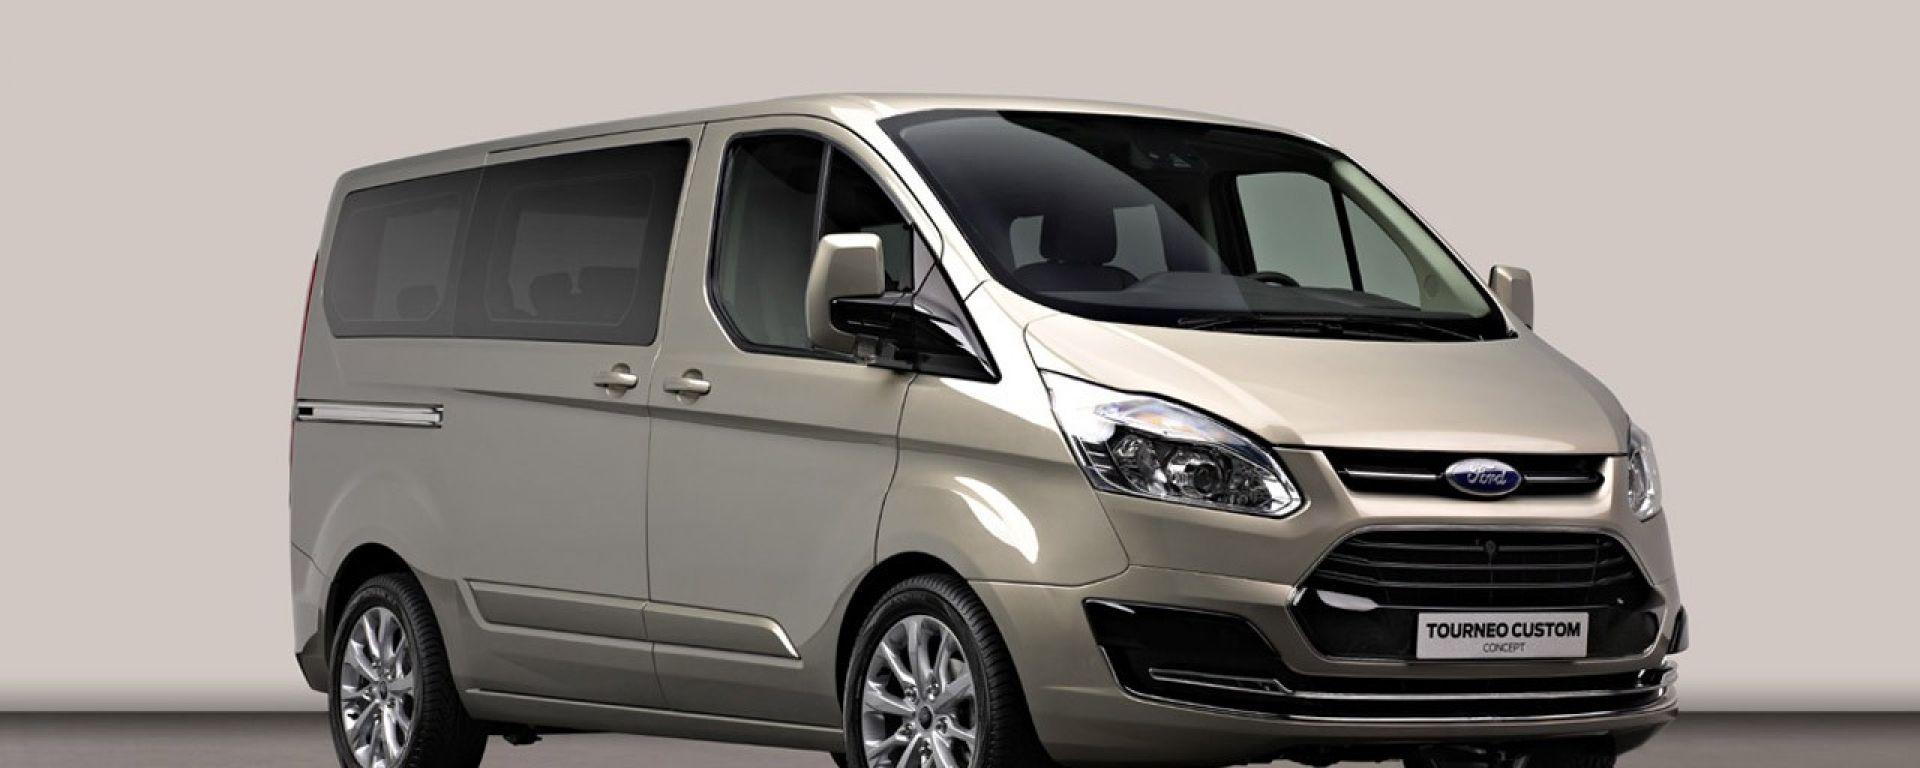 Ford Tourneo Concept